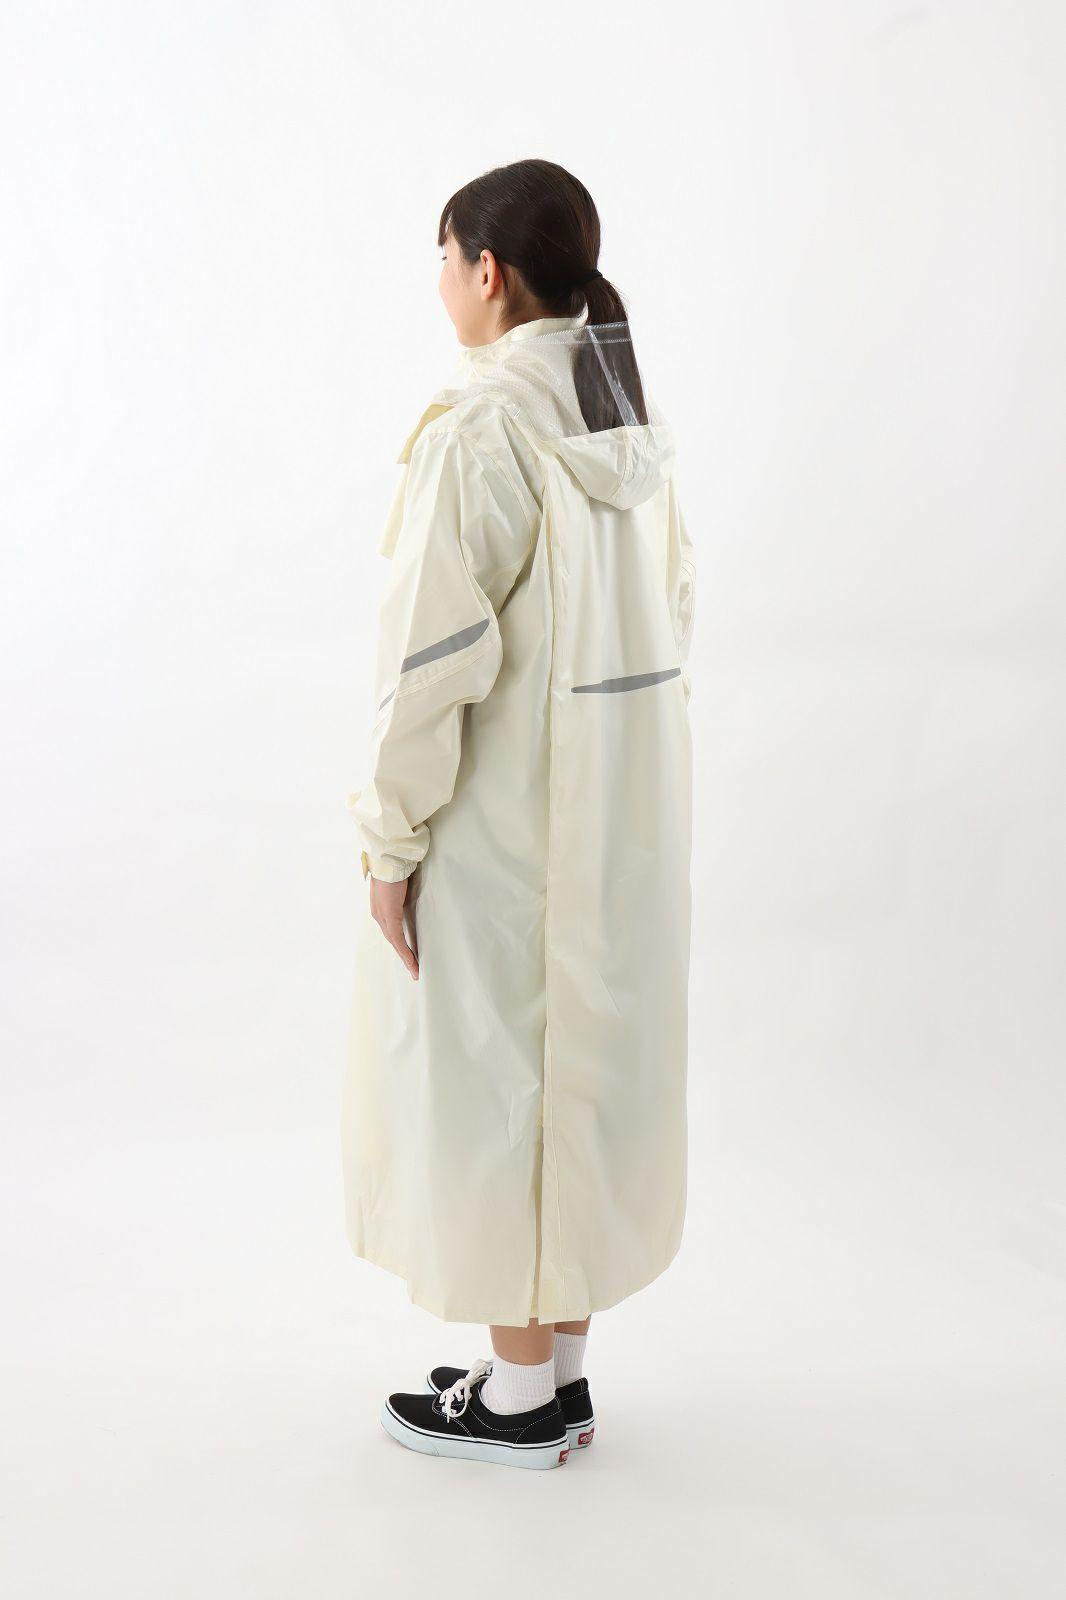 側面 [女性モデルのサイズ]身長:162cm 着用サイズ:120cm